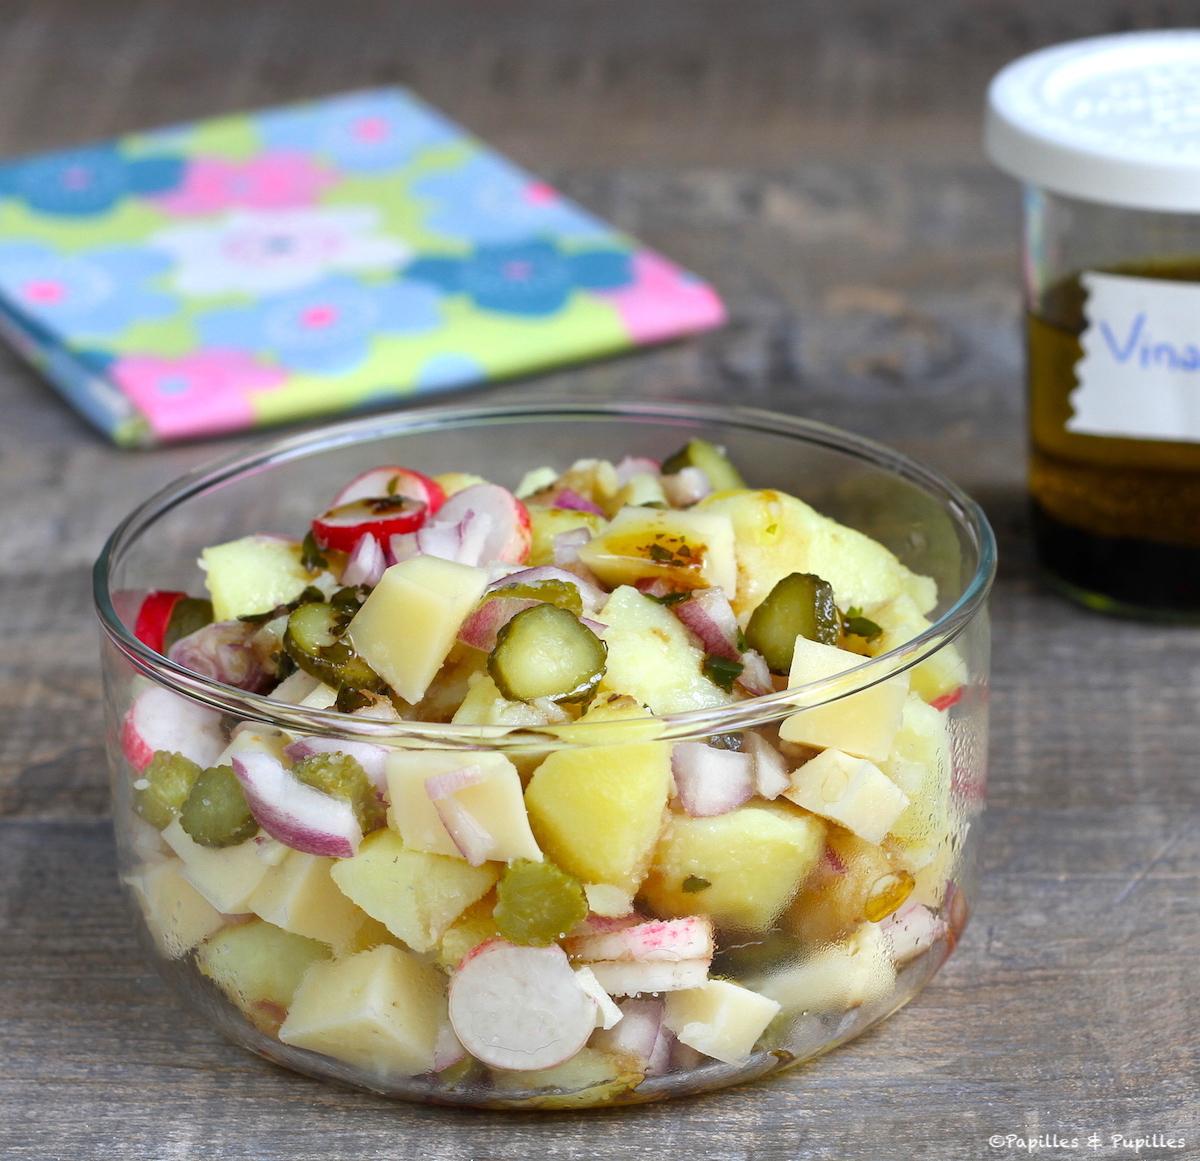 Salade de pommes de terre au fromage, radis et cornichons